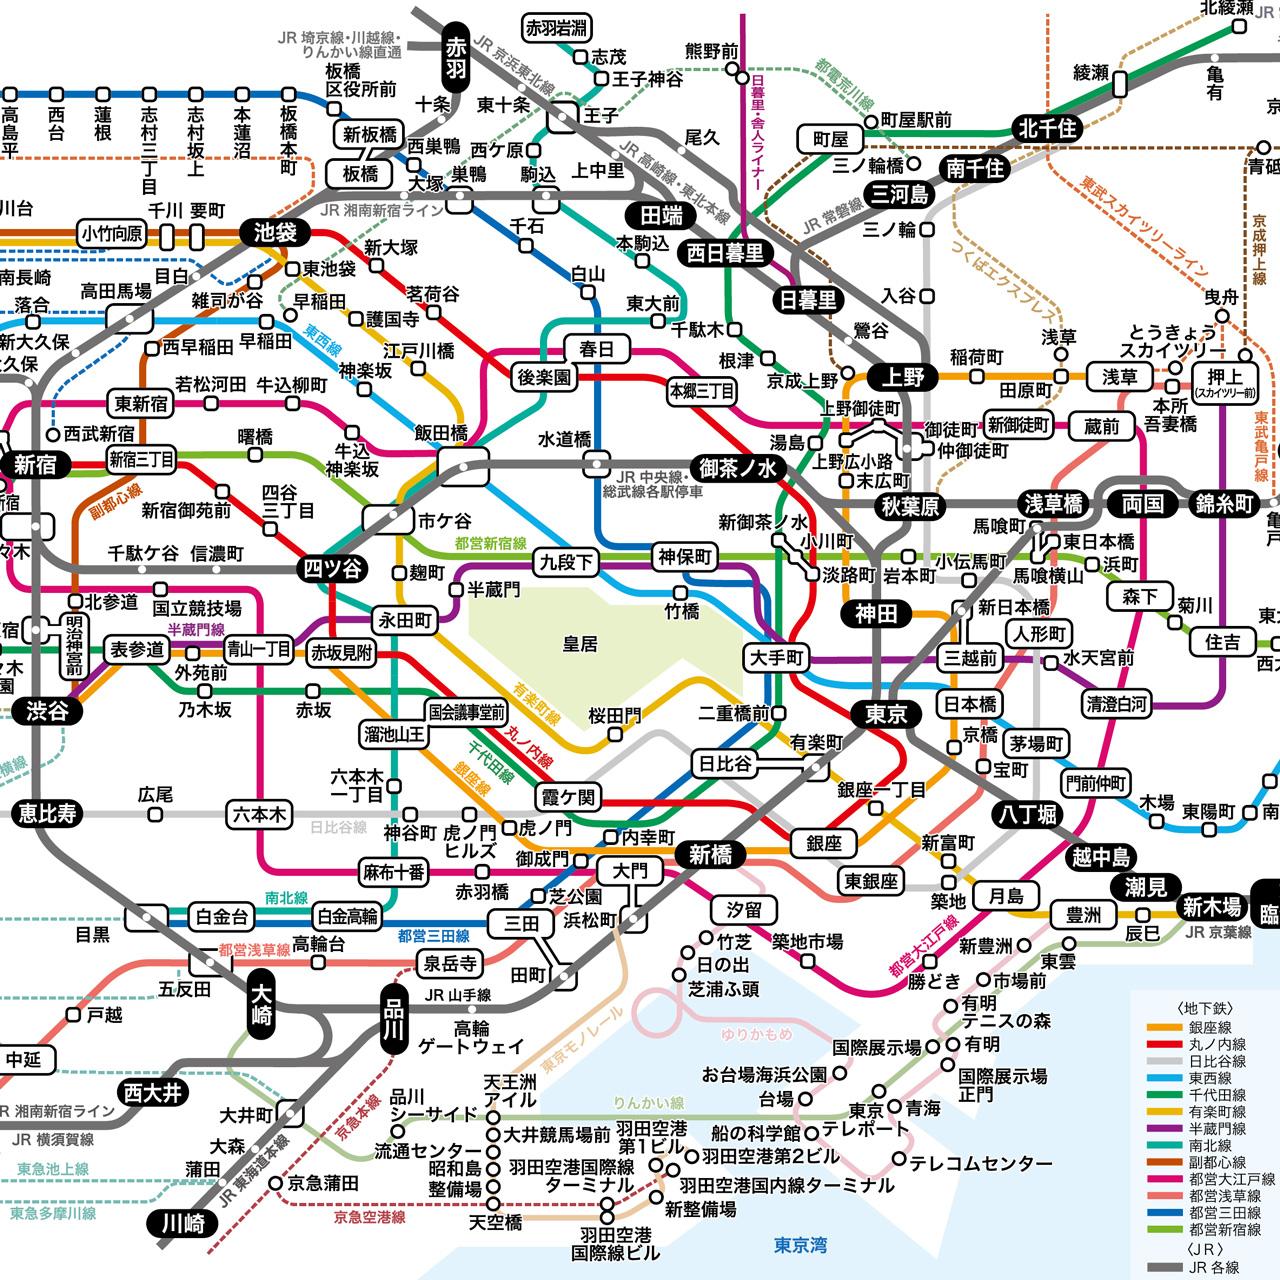 世界地図_SP4